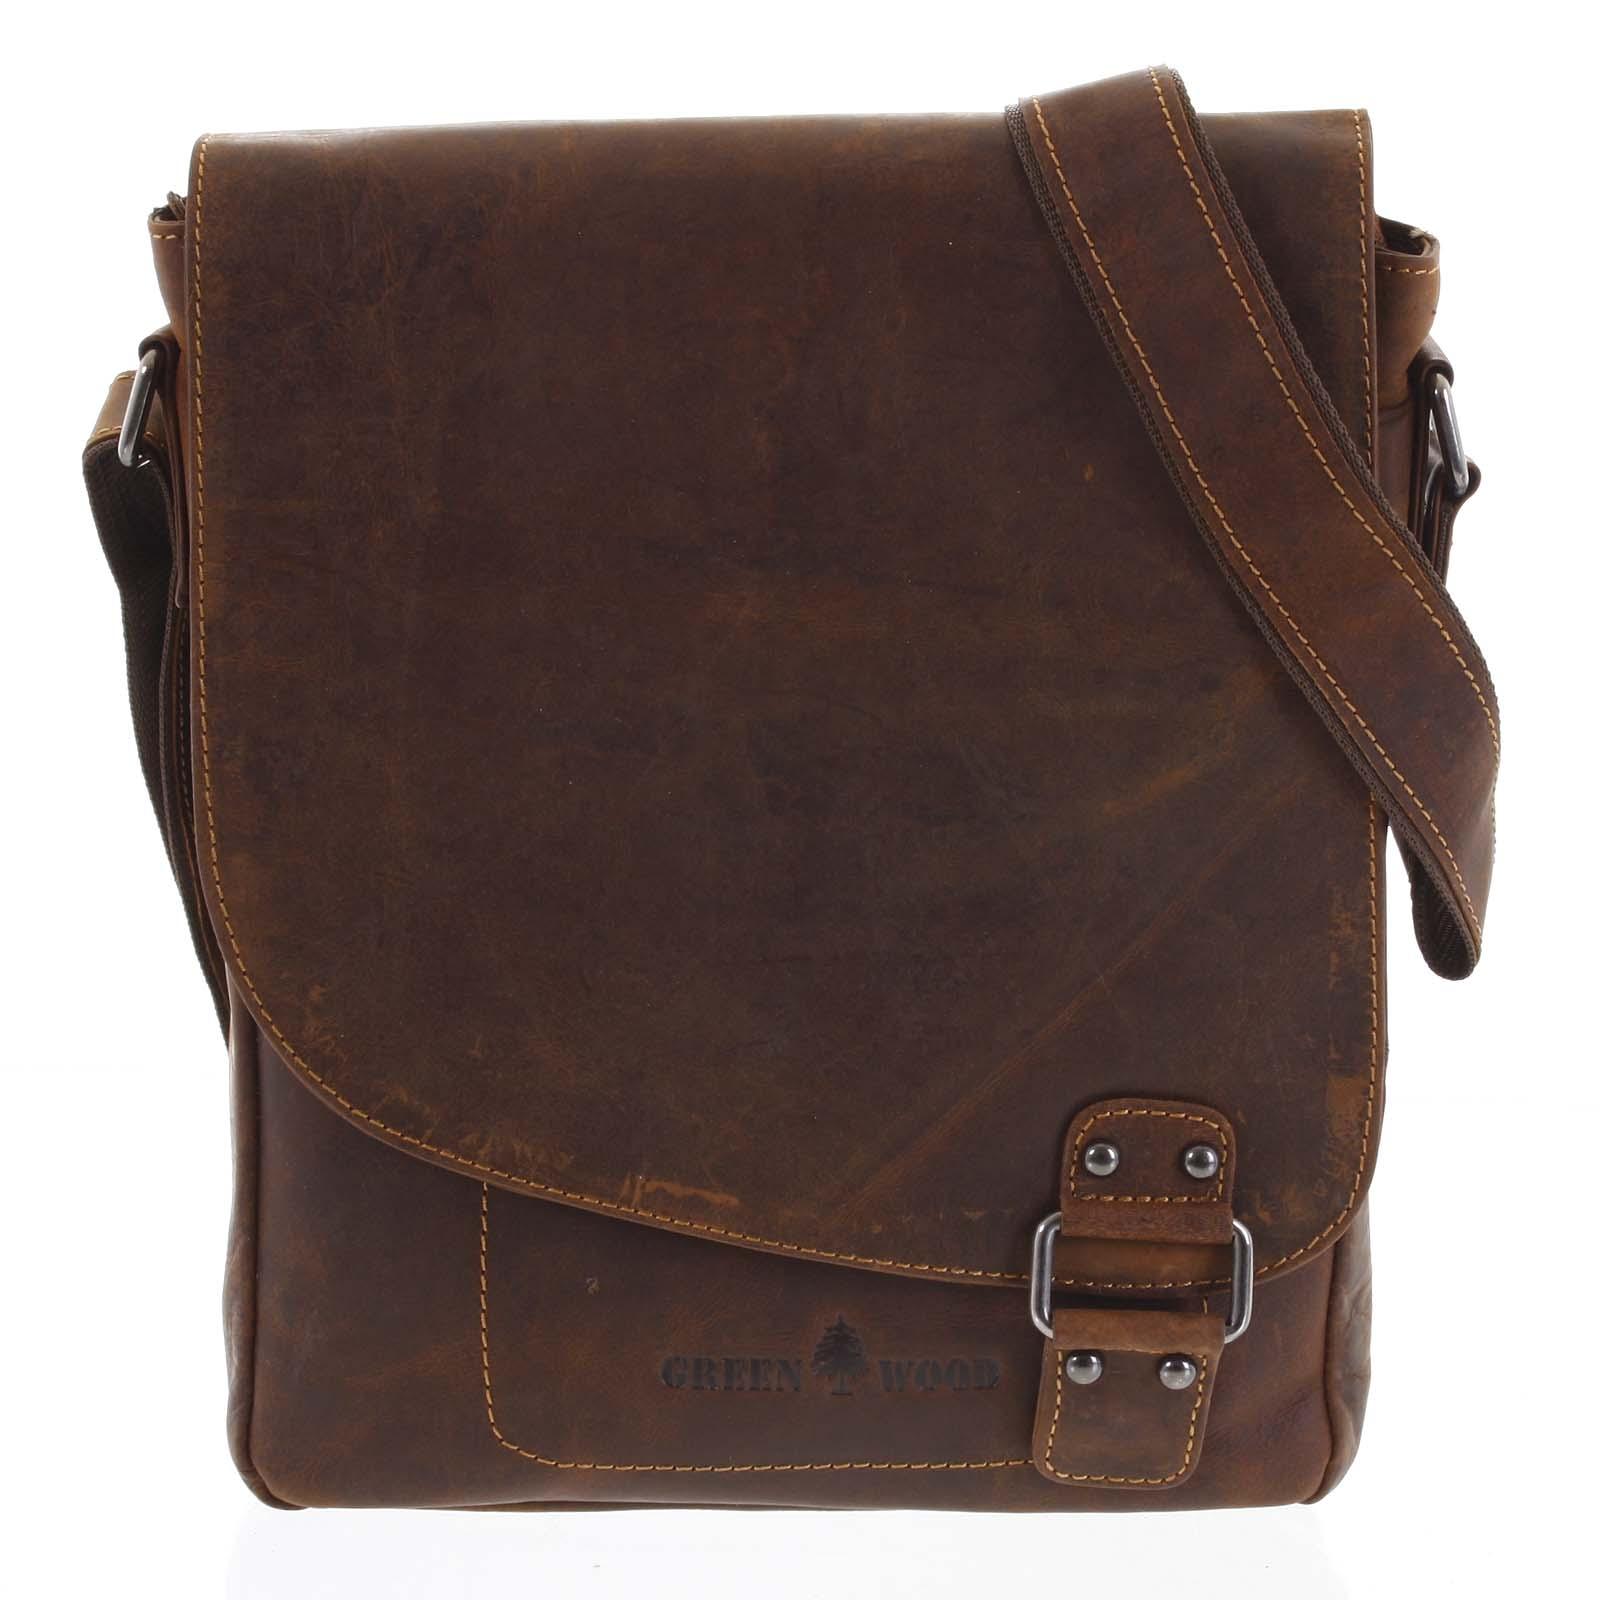 Pánska kožená taška hnedá - Greenwood Maroon